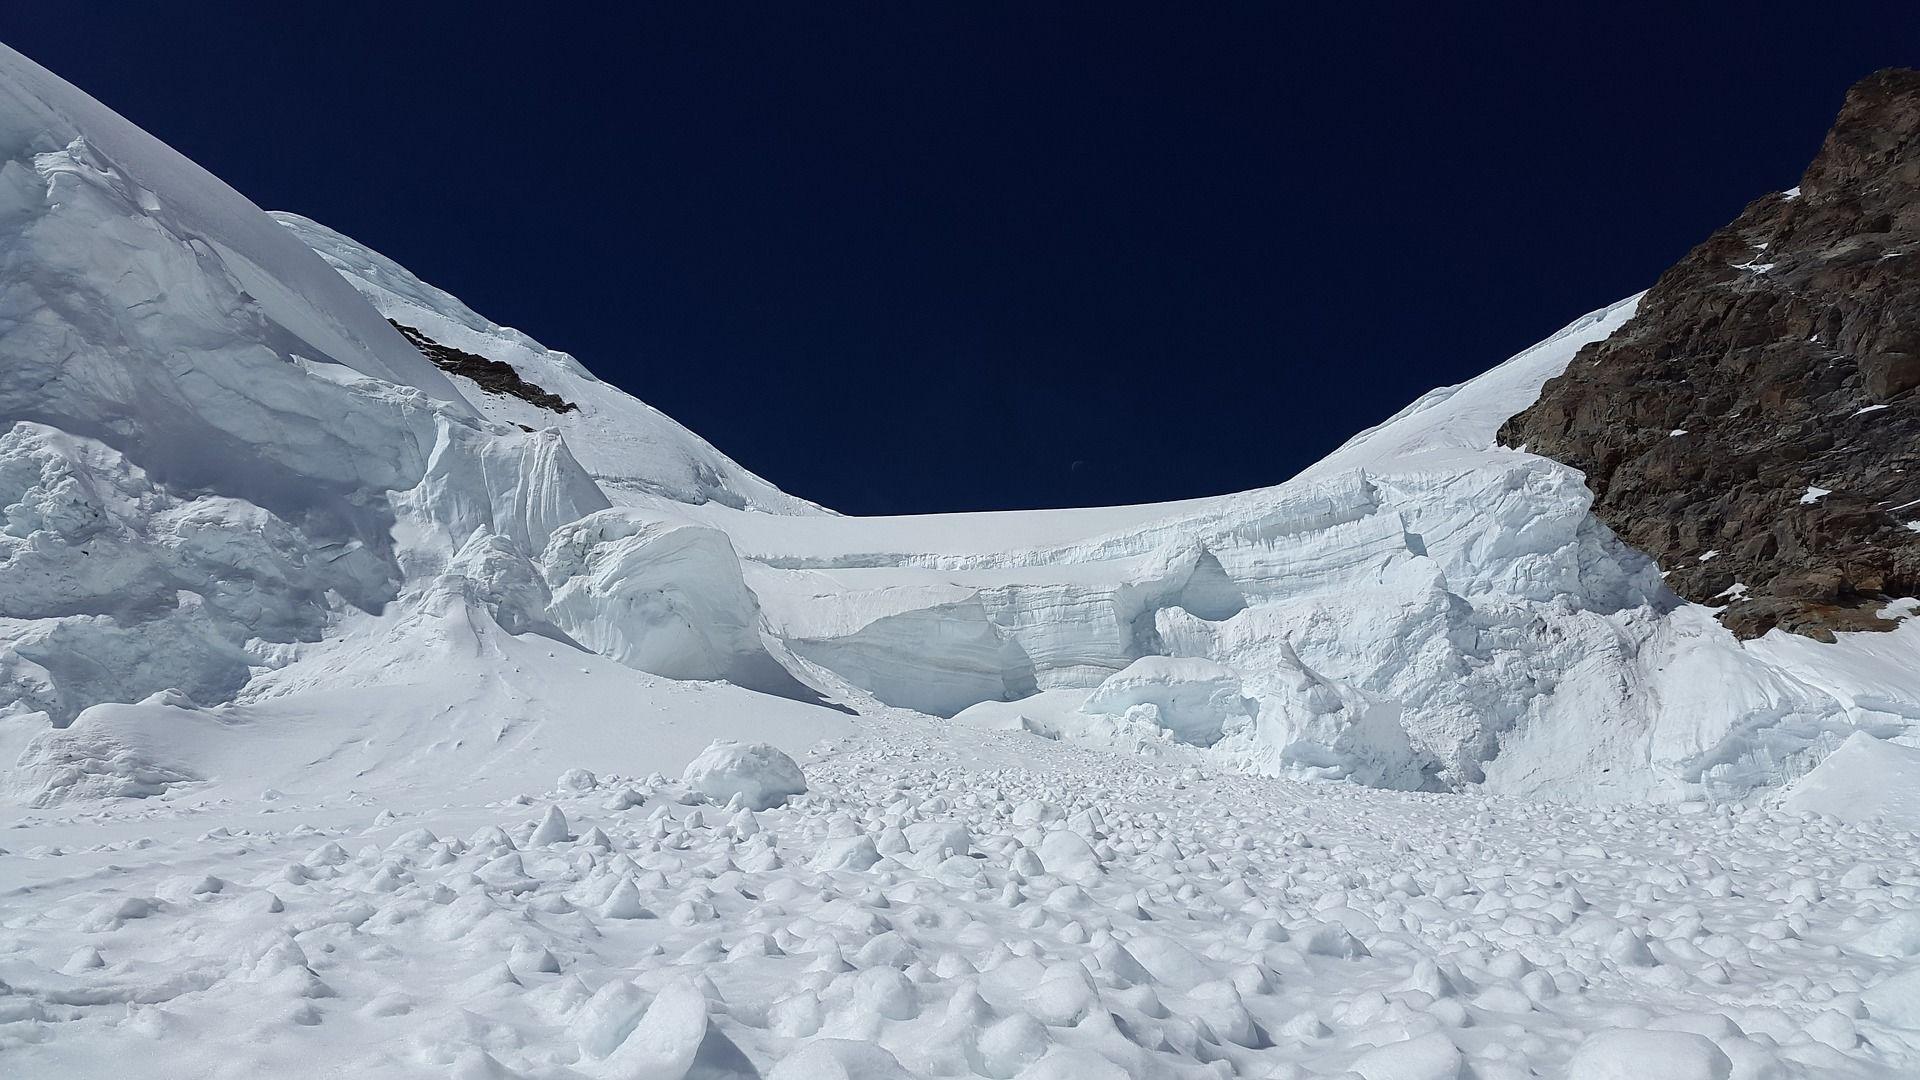 В Бурятии уточнили число попавших под снежную лавину туристов